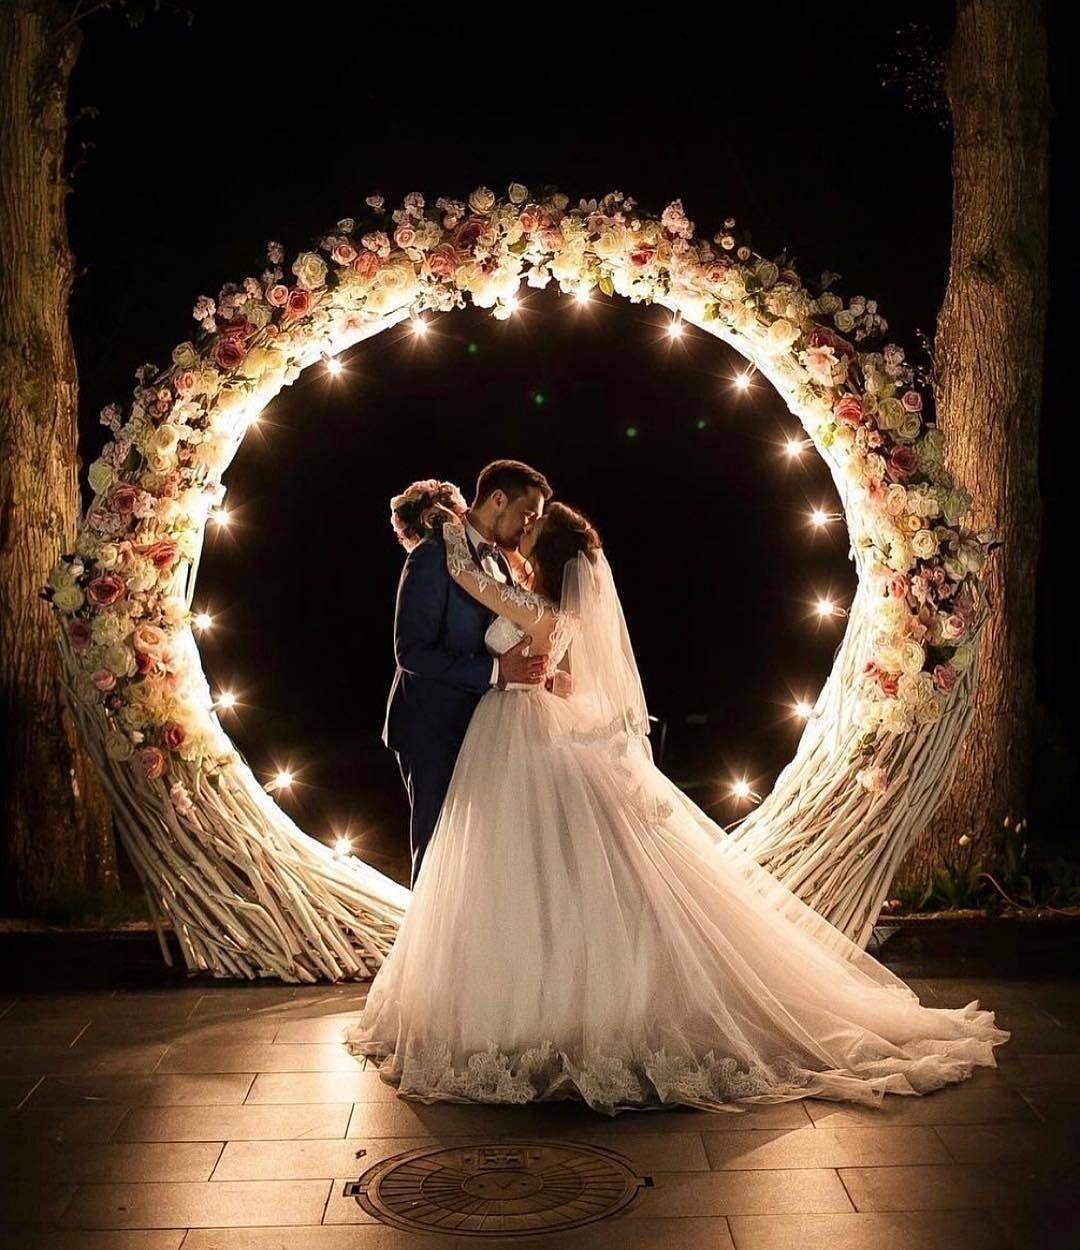 закрытый клуб невест